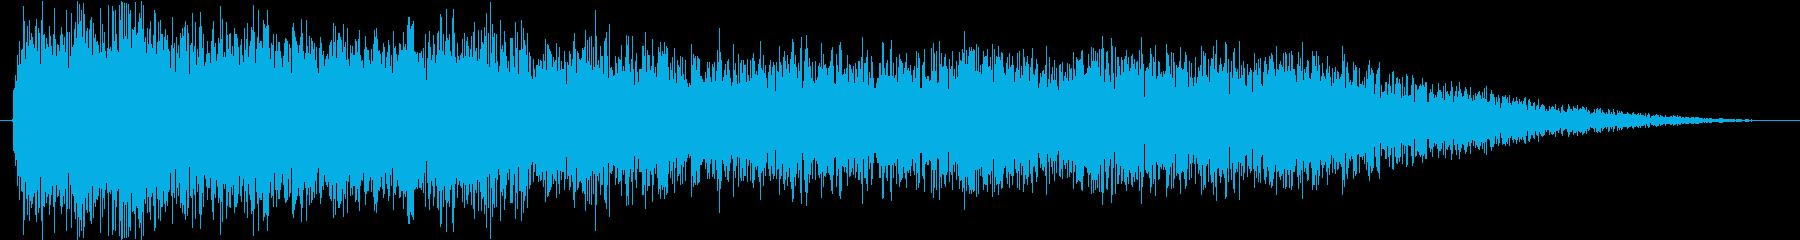 異空間_怪物の声の再生済みの波形